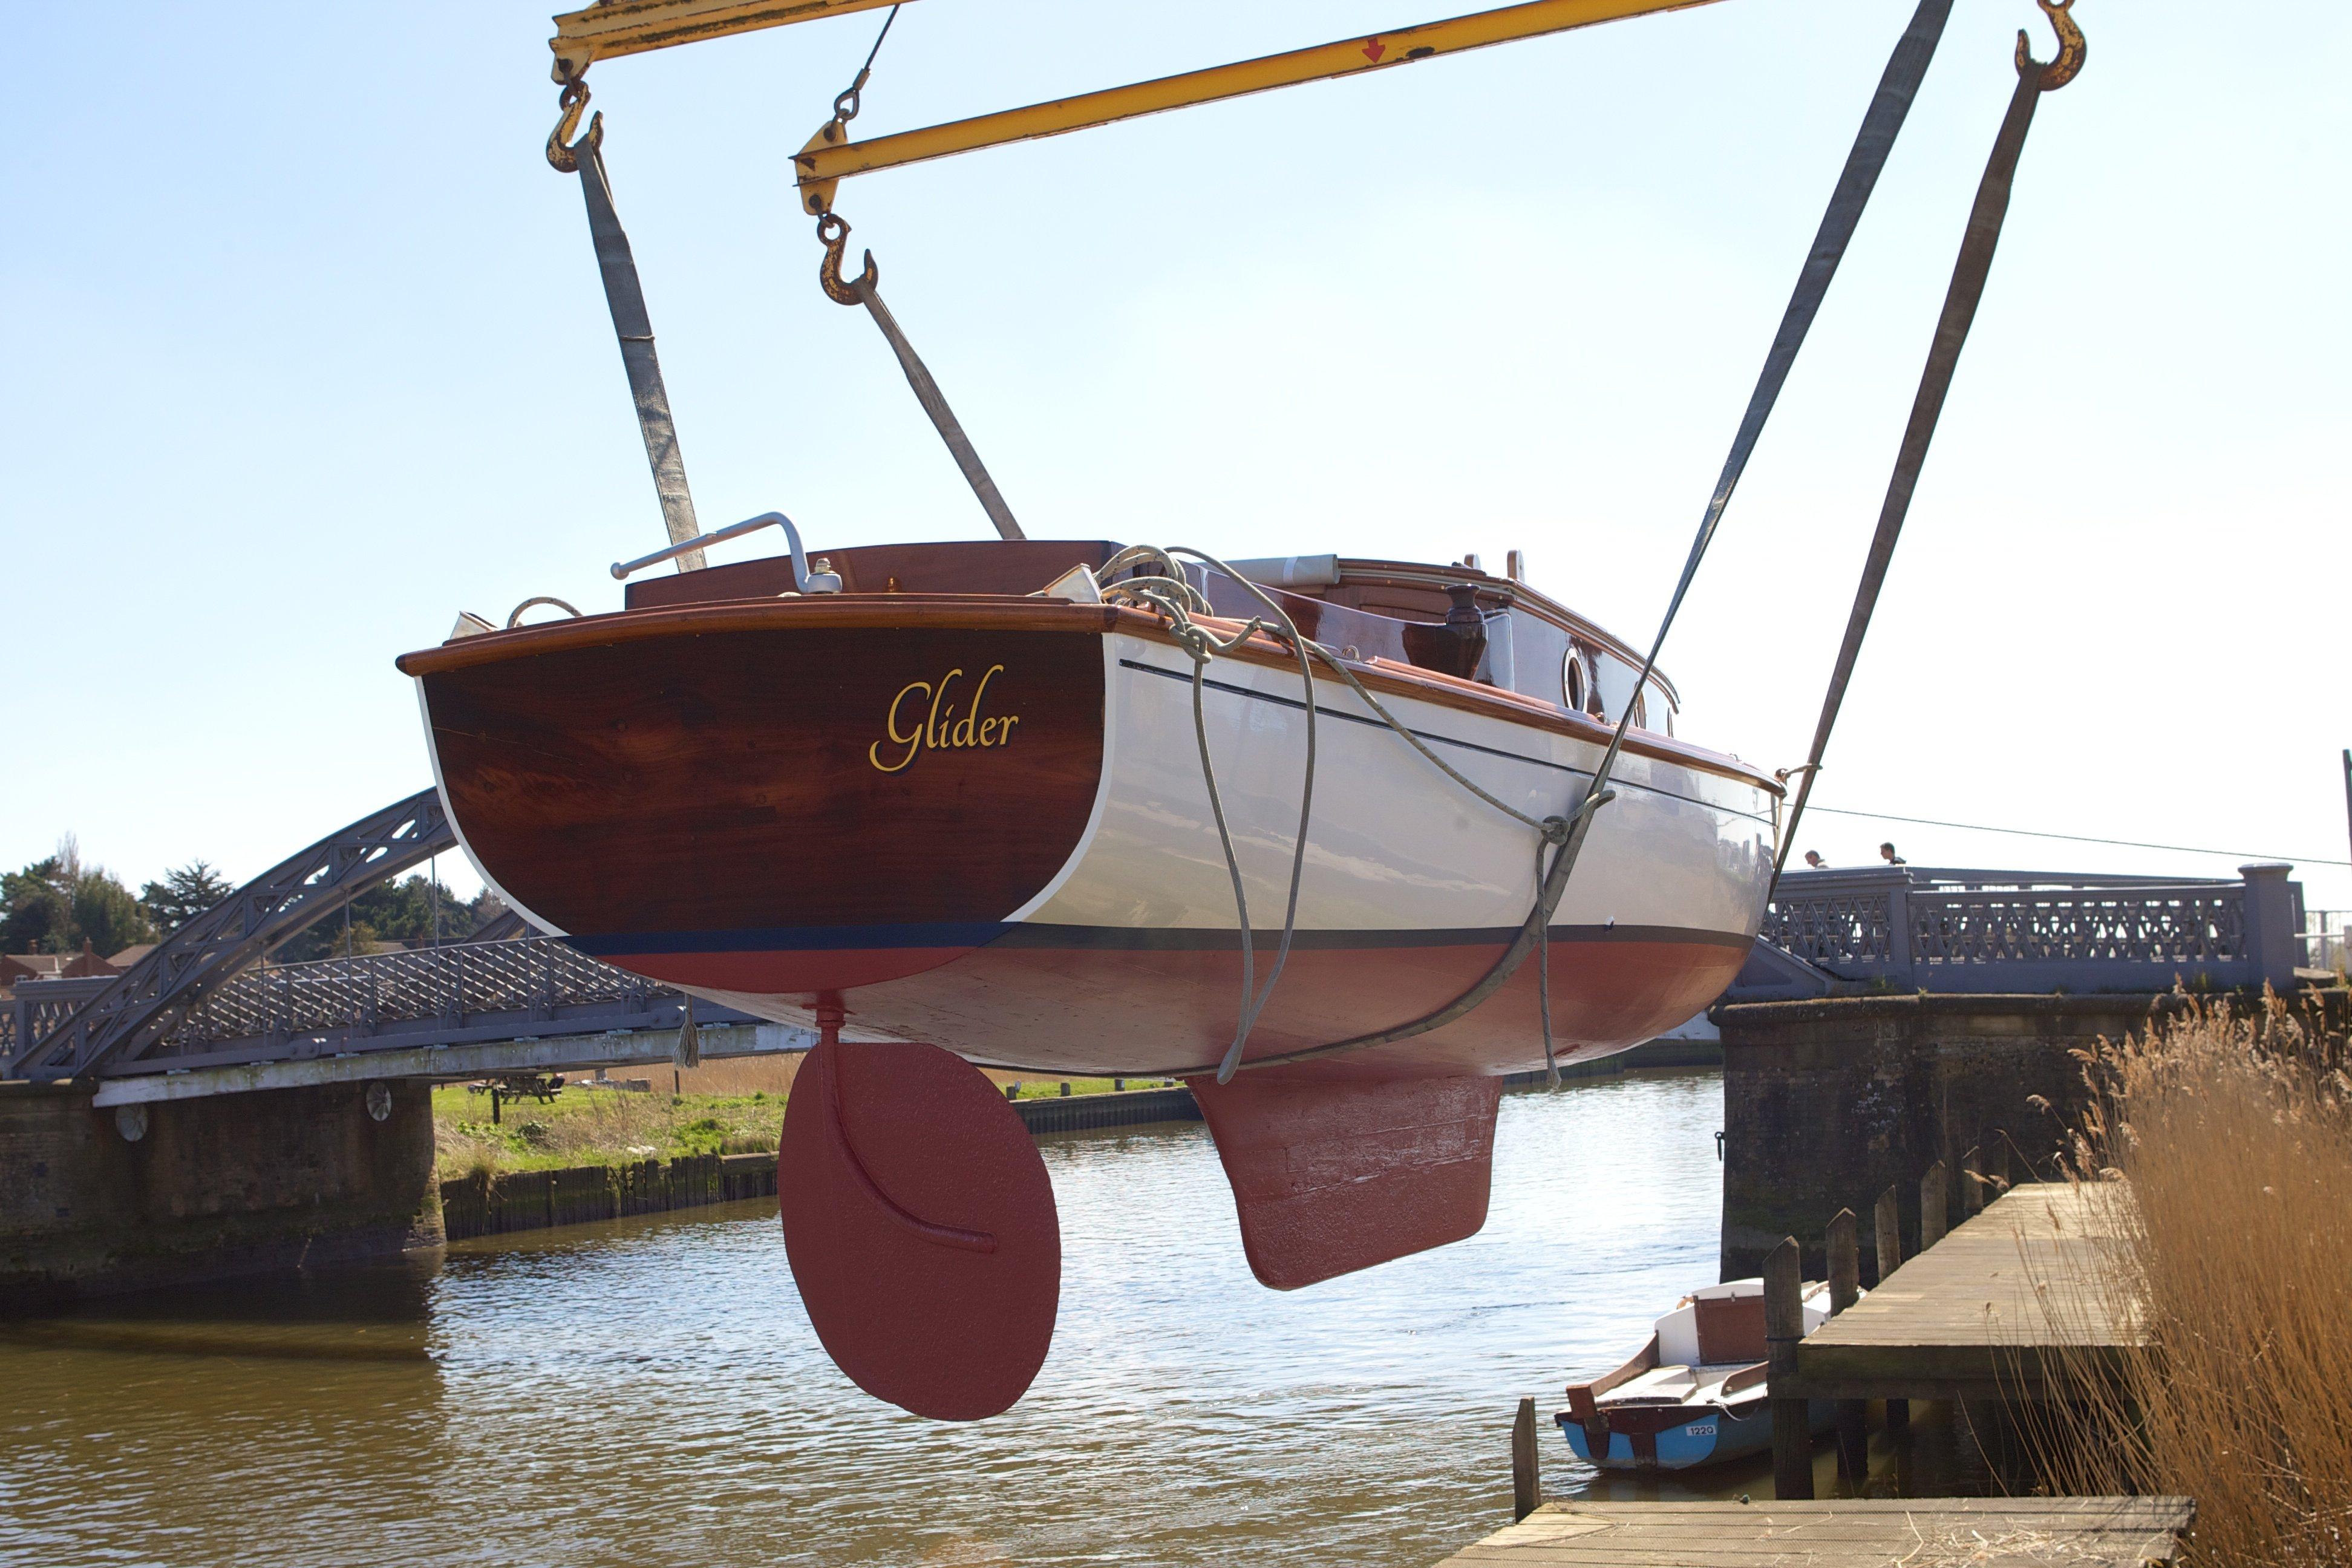 Glider boat